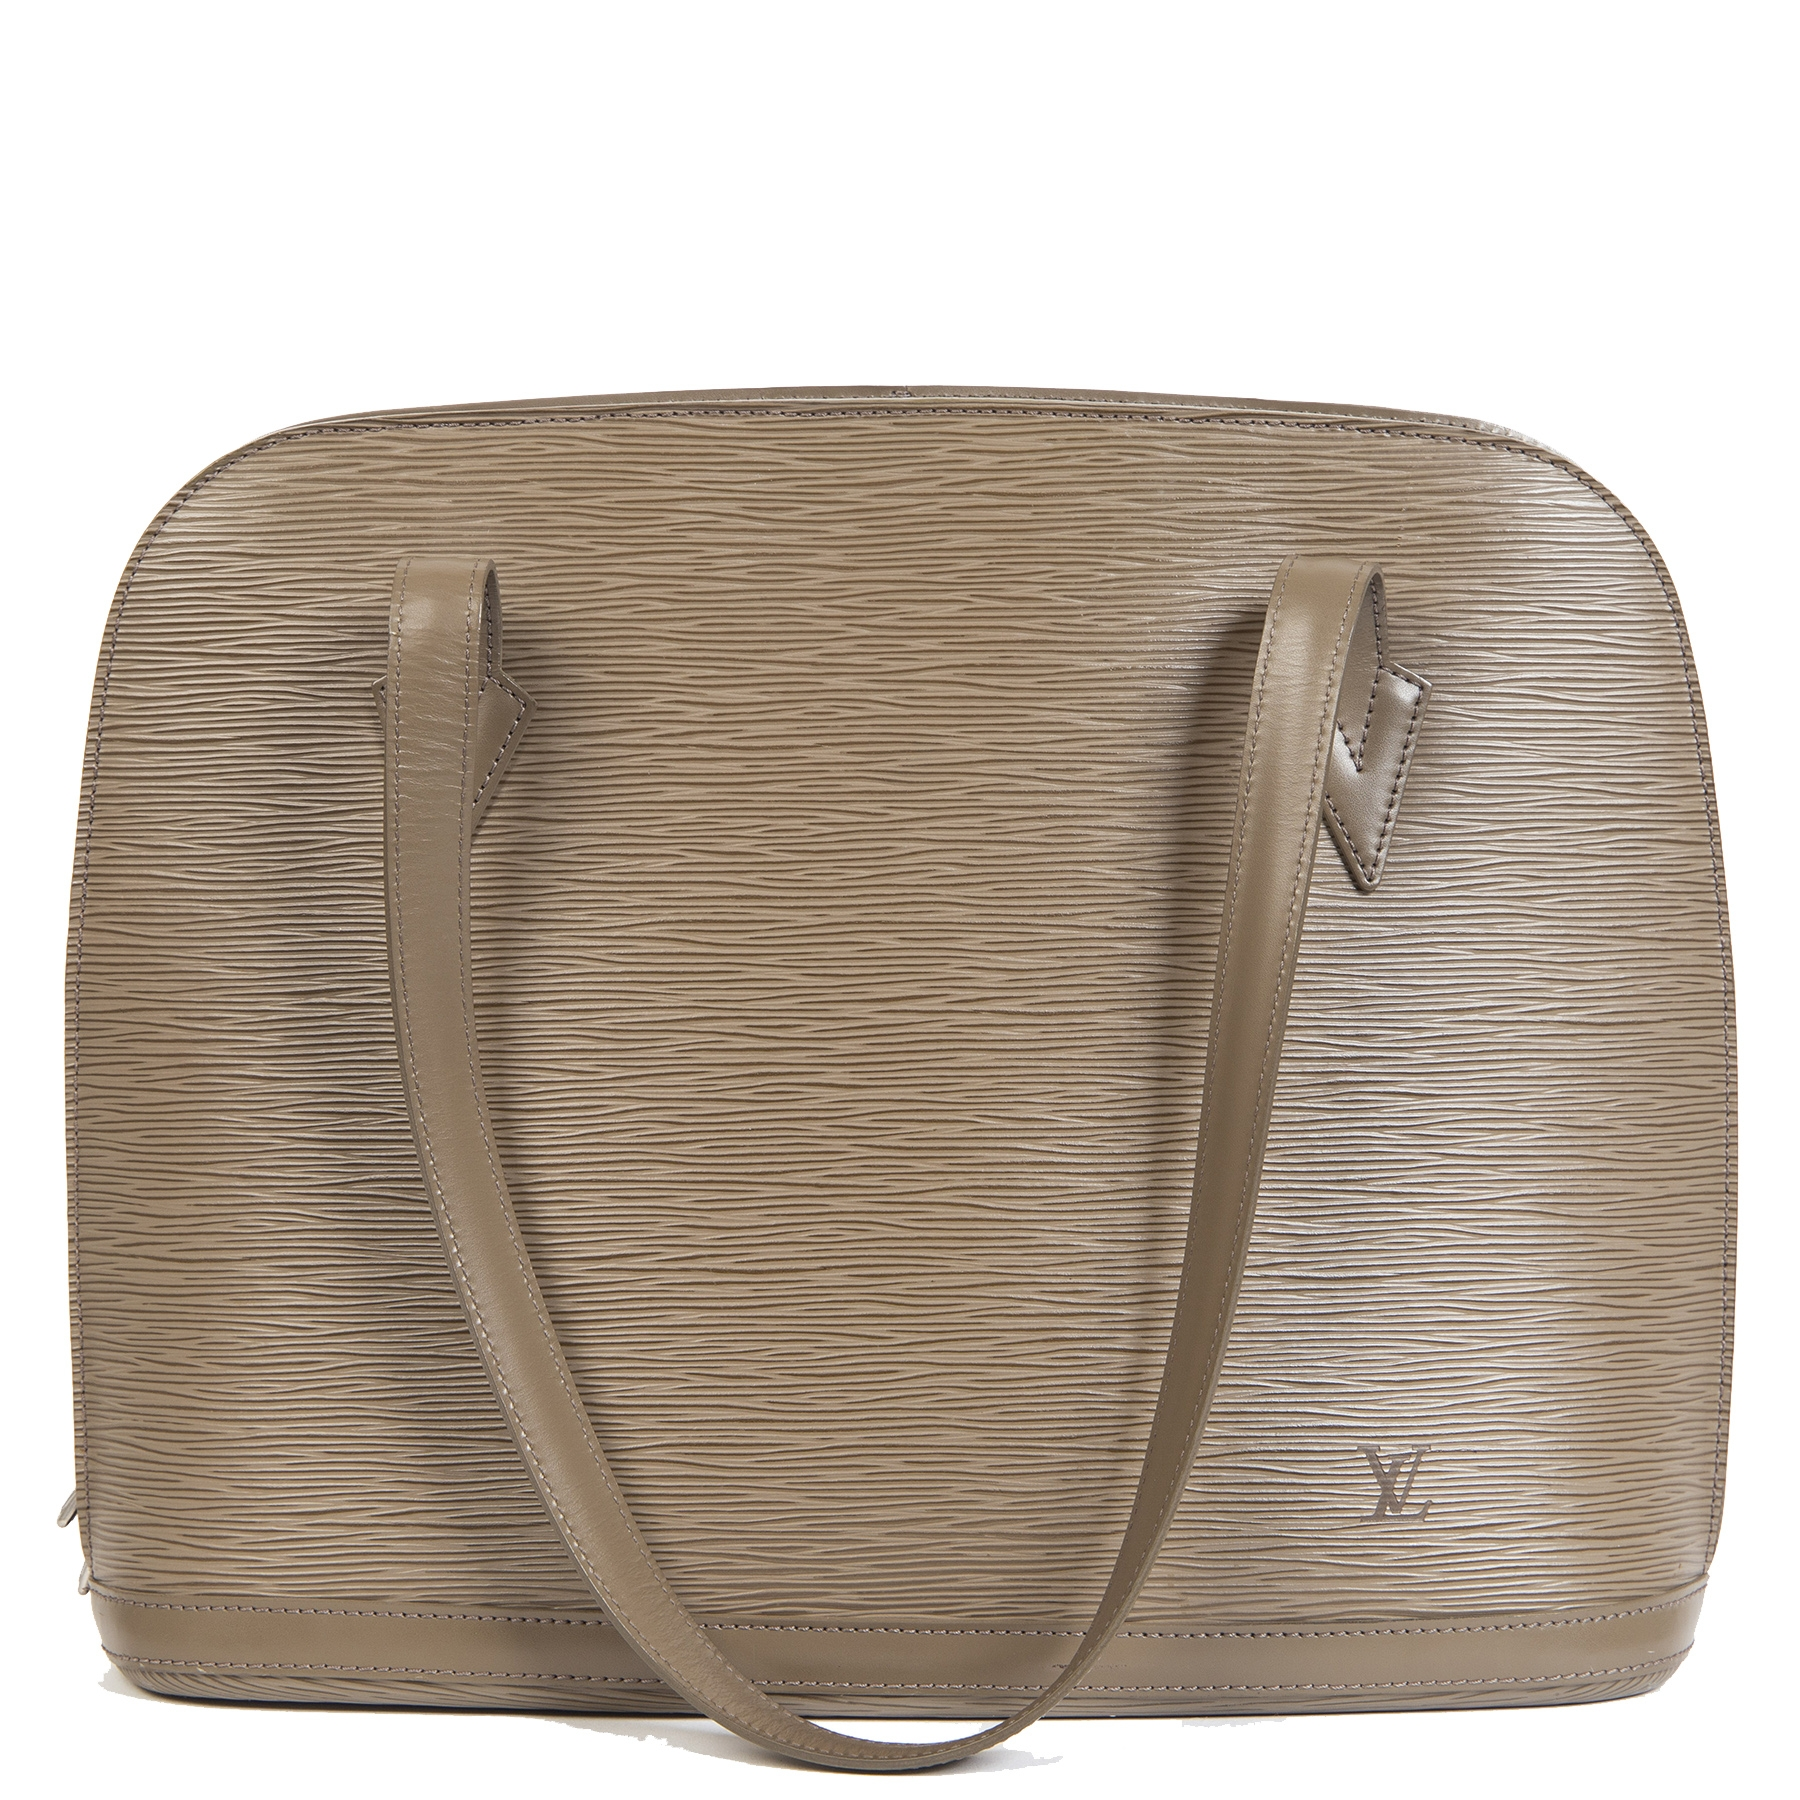 Louis Vuitton Pepper Epi Leather Lussac Bag pour le meilleur prix chez Labellov à Anvers